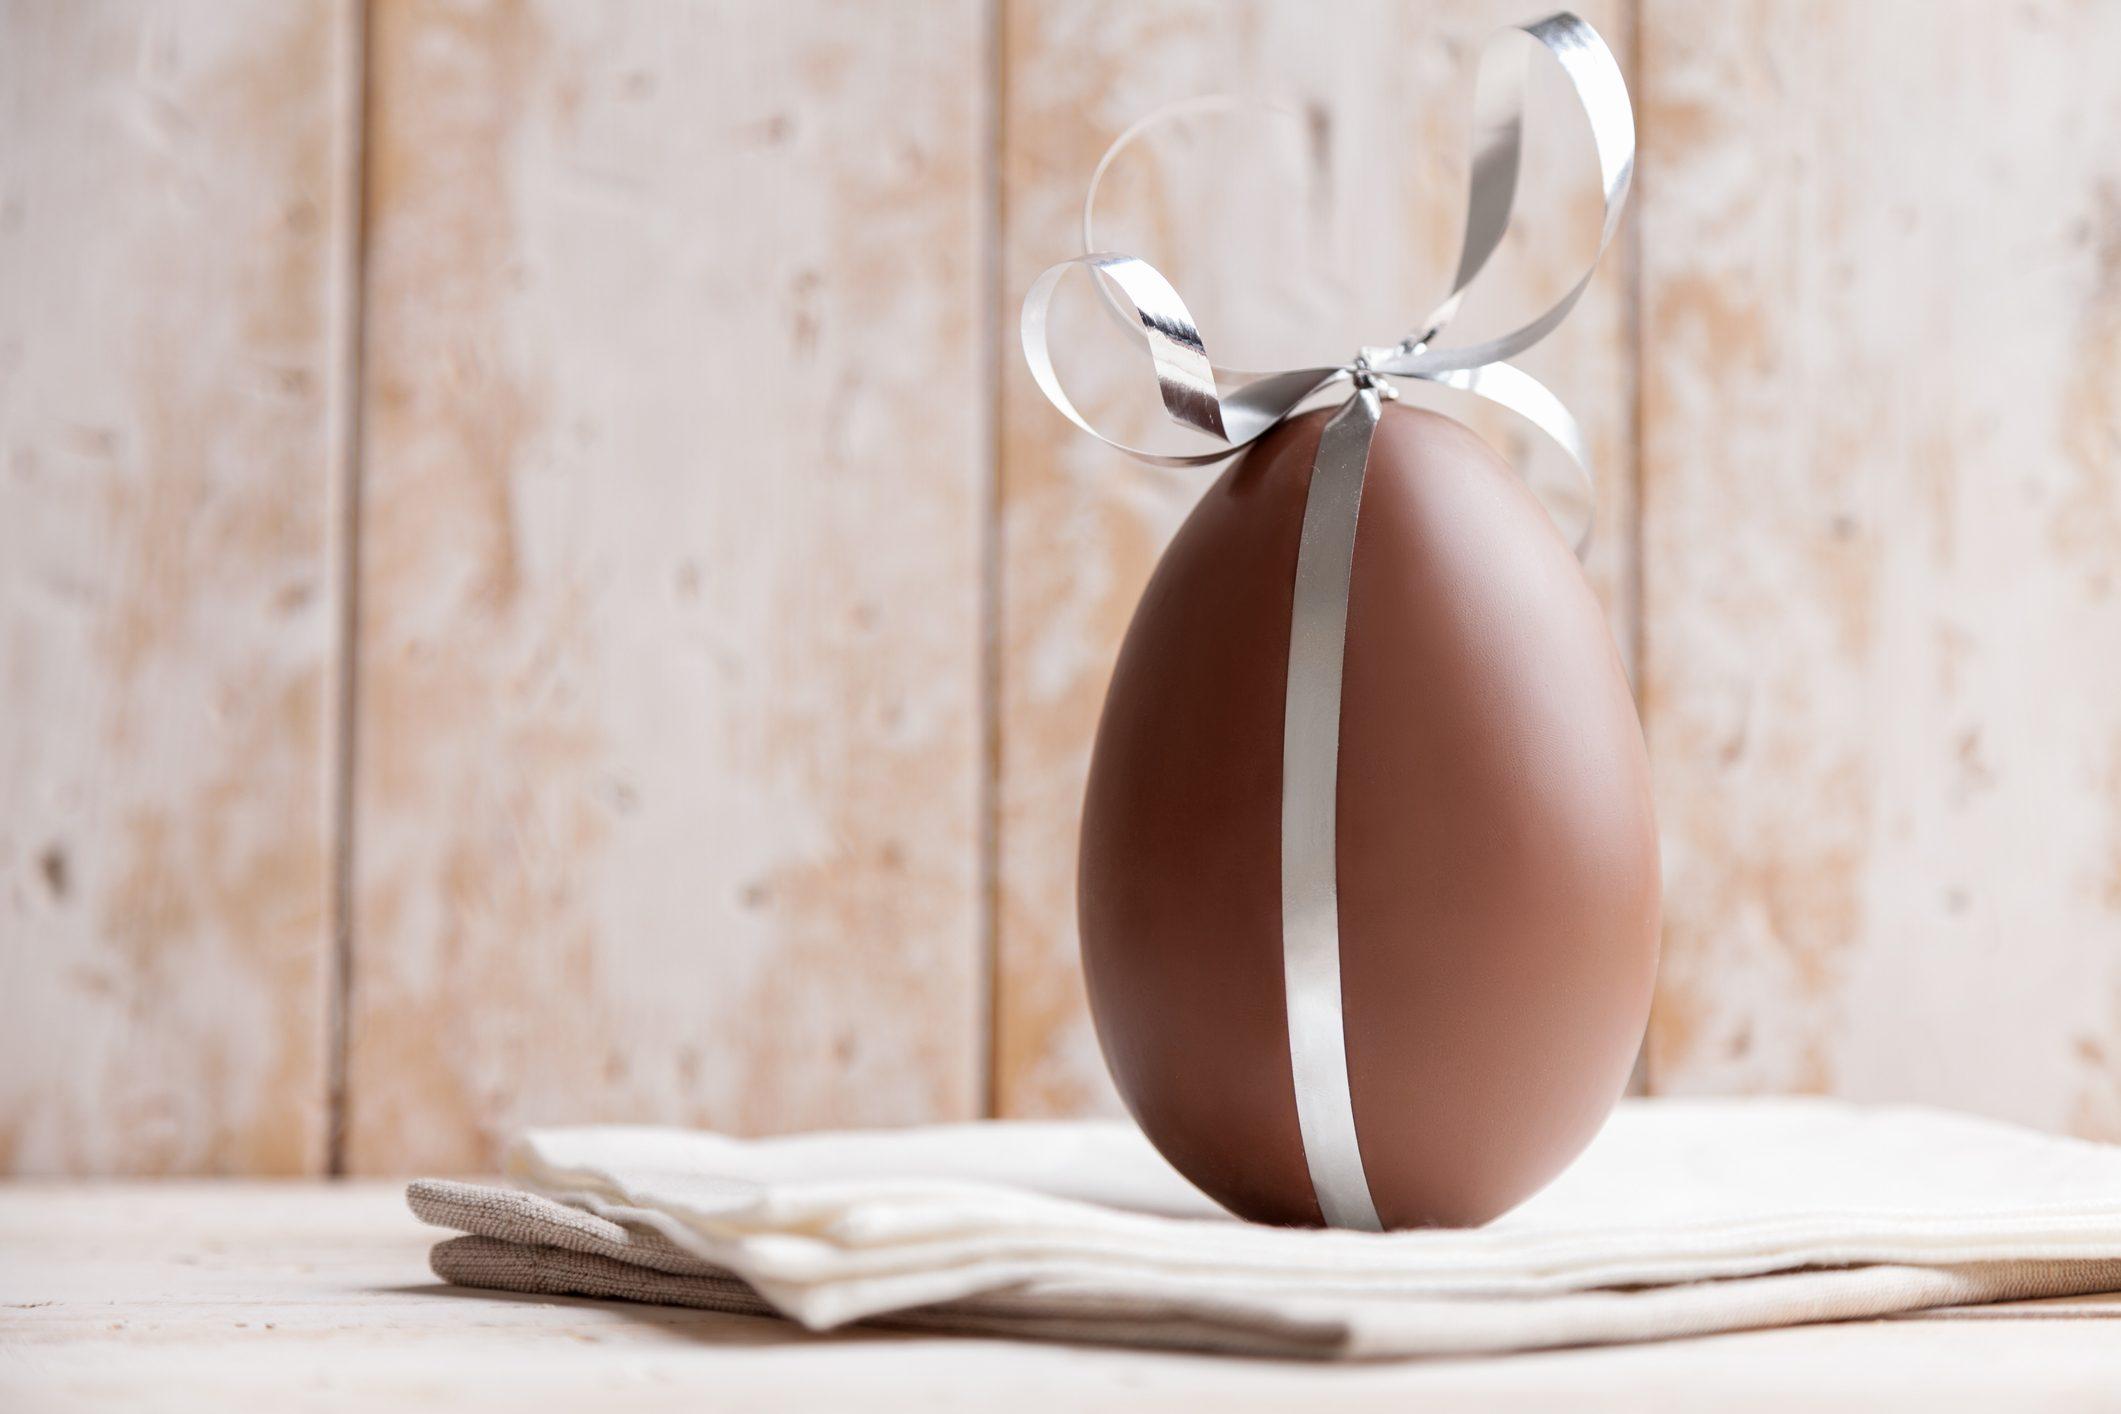 Uovo di Pasqua: una storia che unisce tutti i popoli del mondo in un unico dono